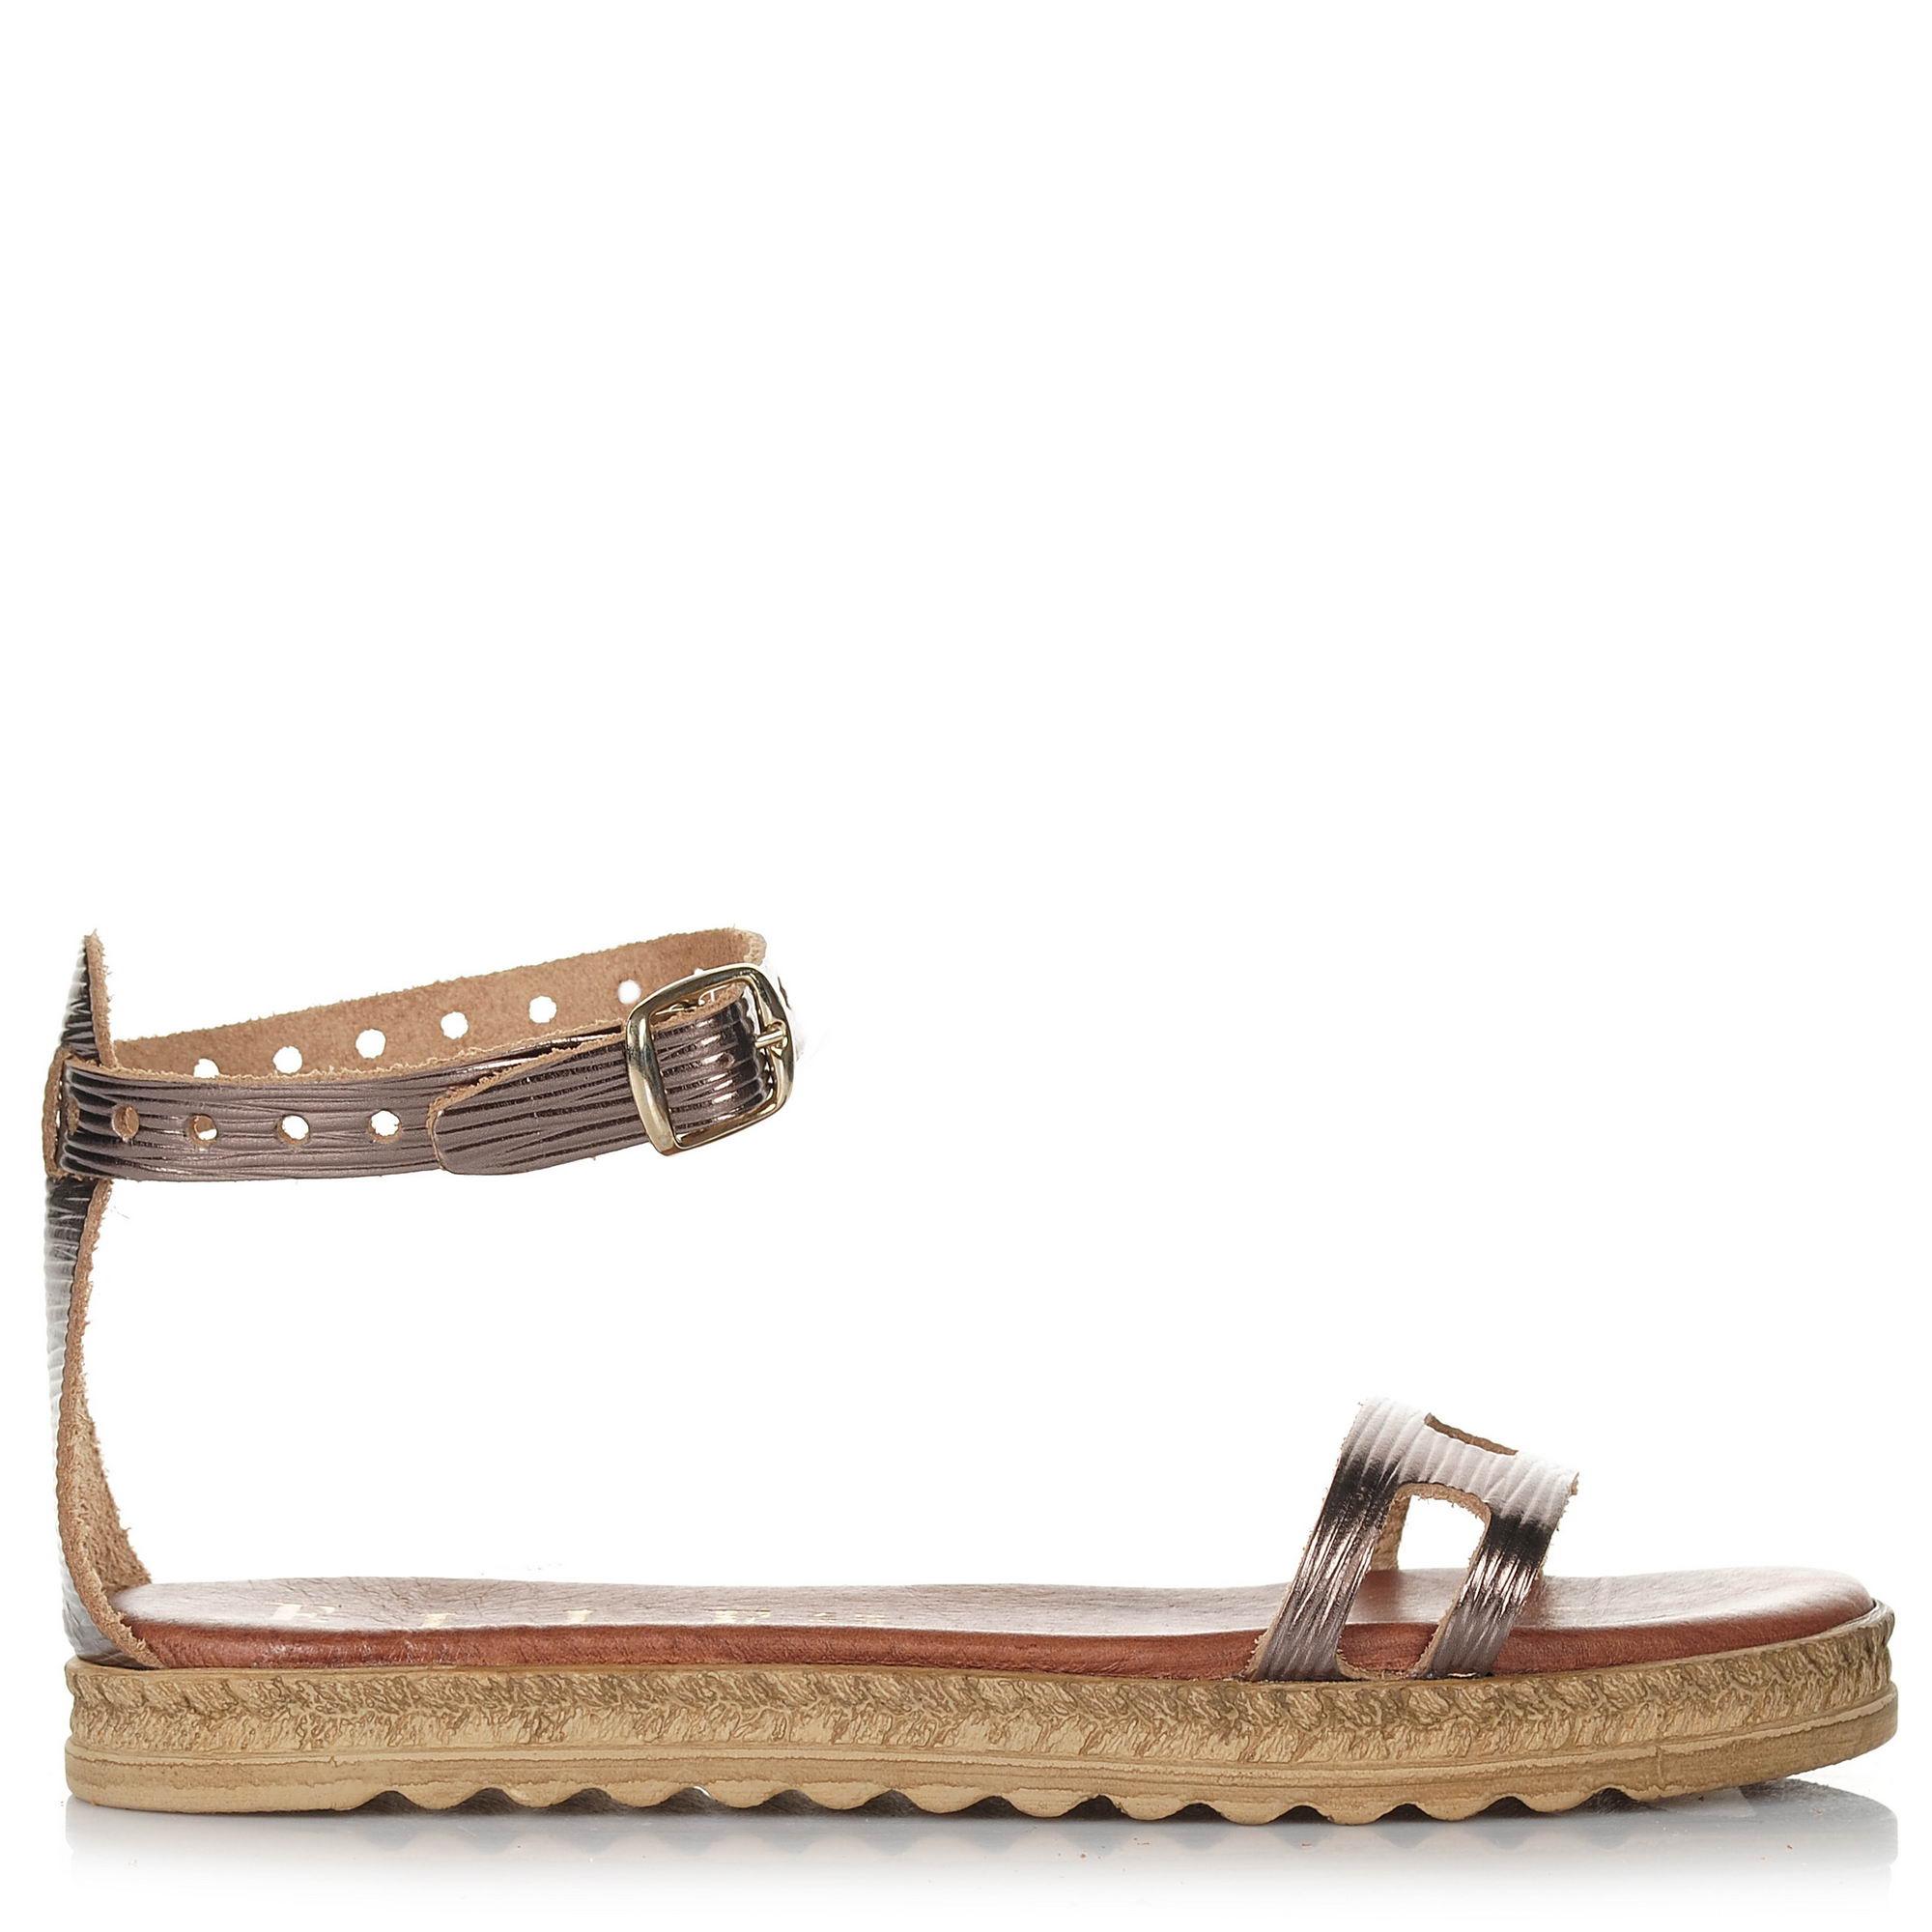 Δερμάτινα Σανδάλια Dolce Ε17.60.16 γυναικα   γυναικείο παπούτσι